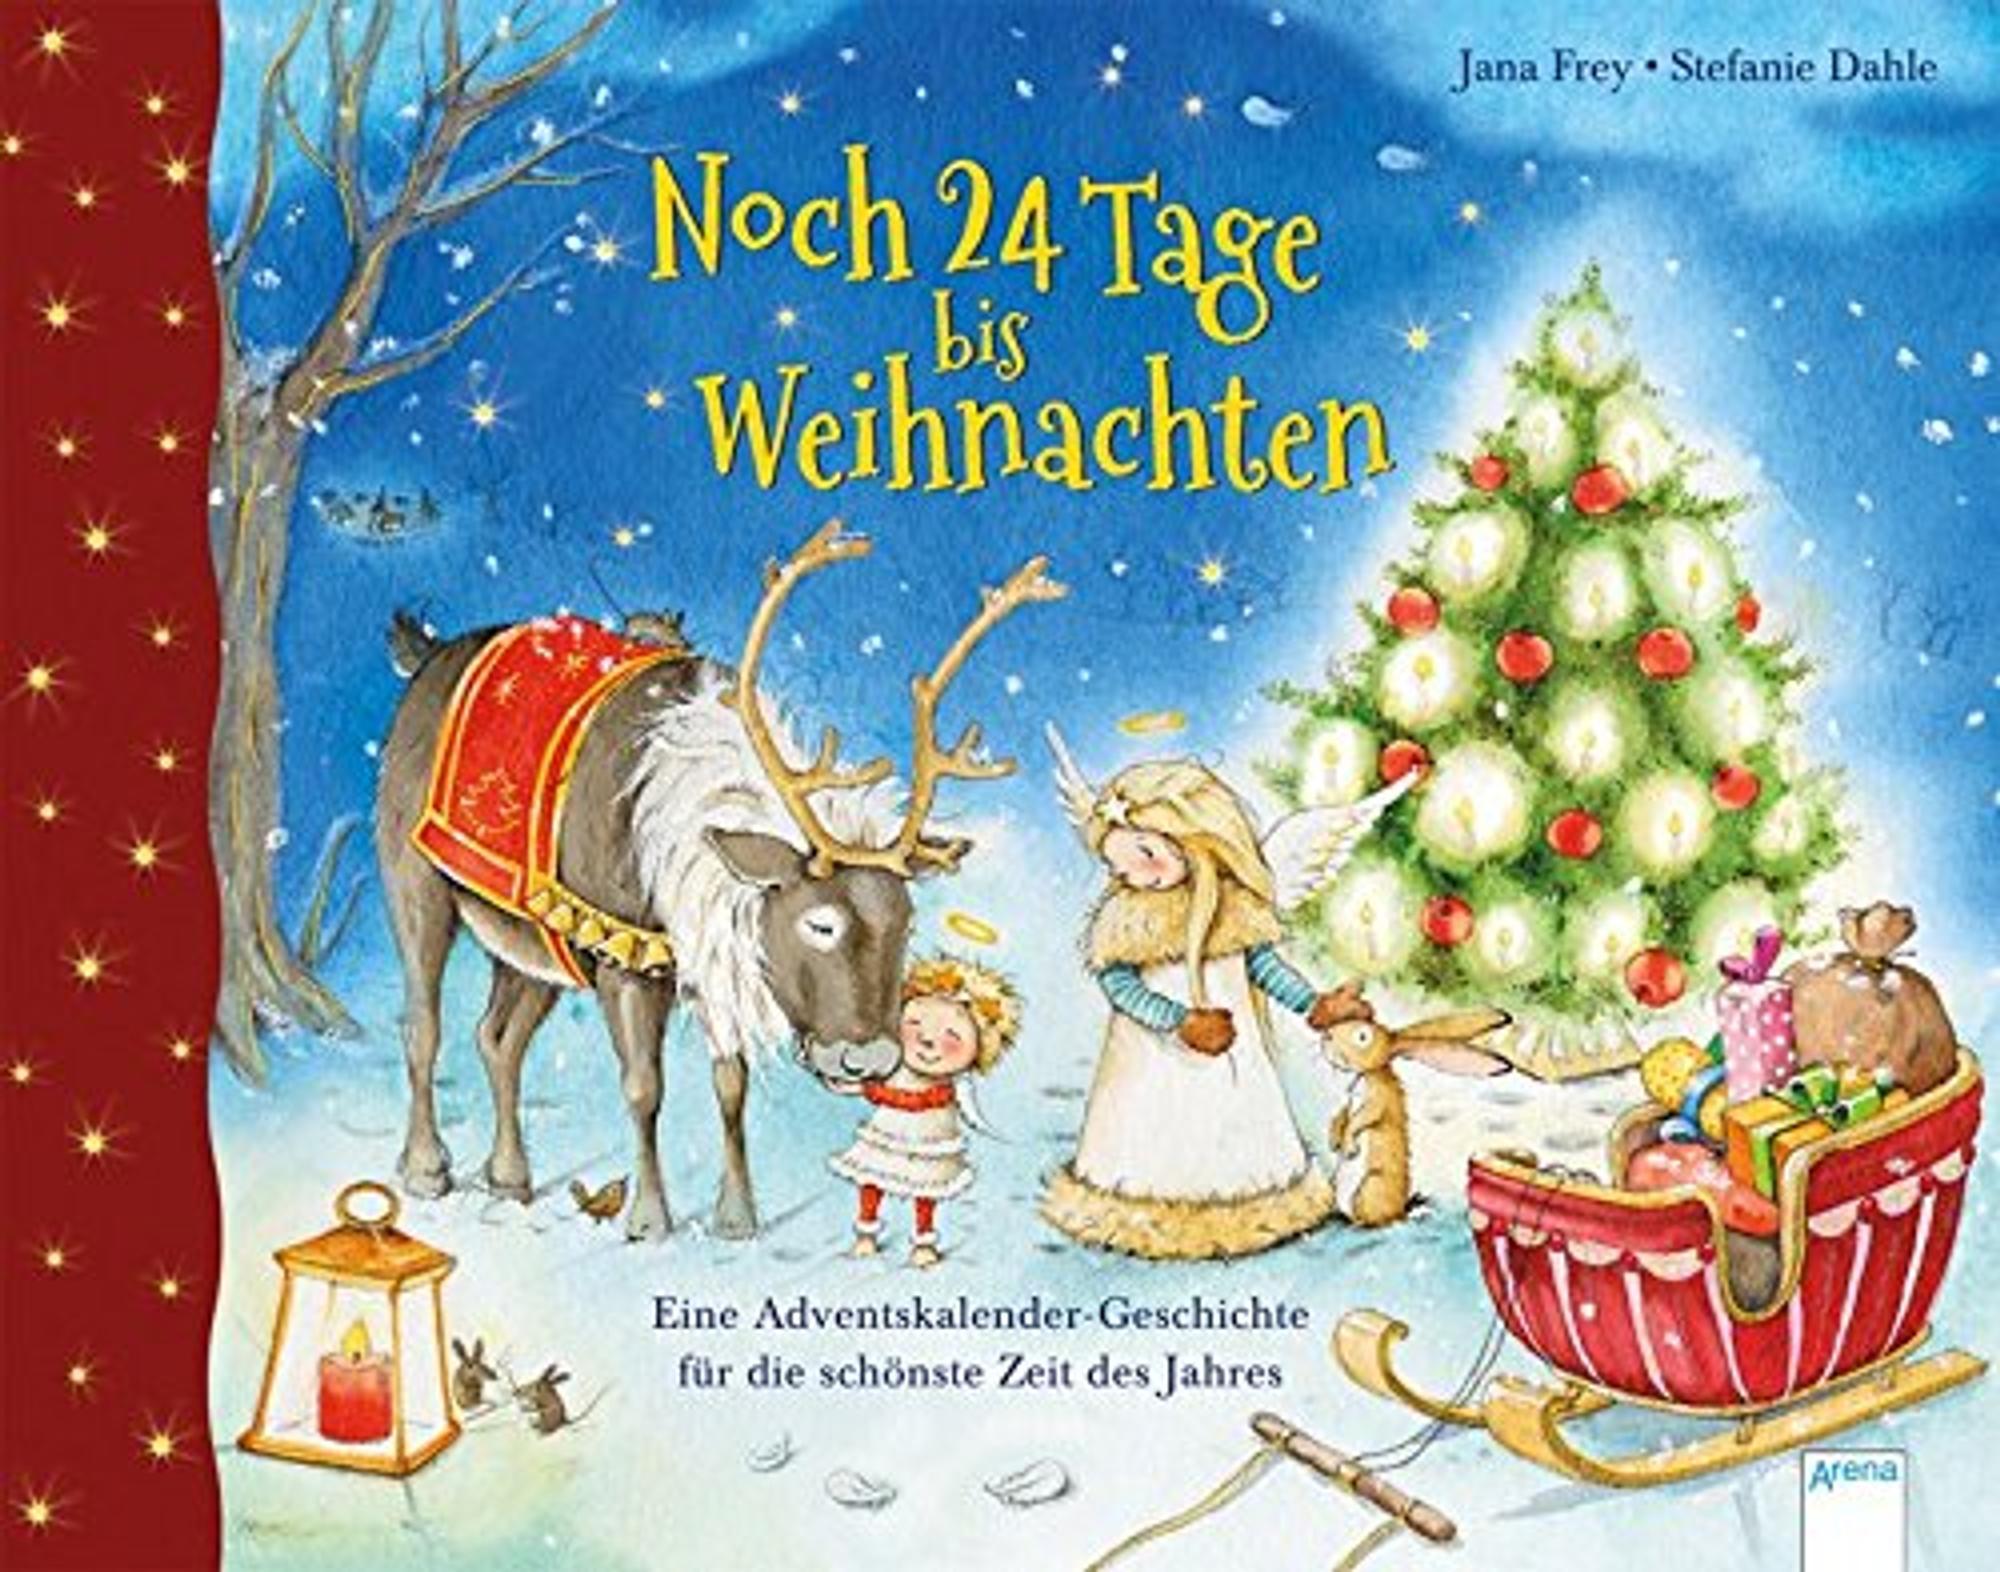 Adventskalender-Buch: Noch 24 Tage bis Weihnachten: Eine Adventskalender-Geschichte für die schönste Zeit des Jahres